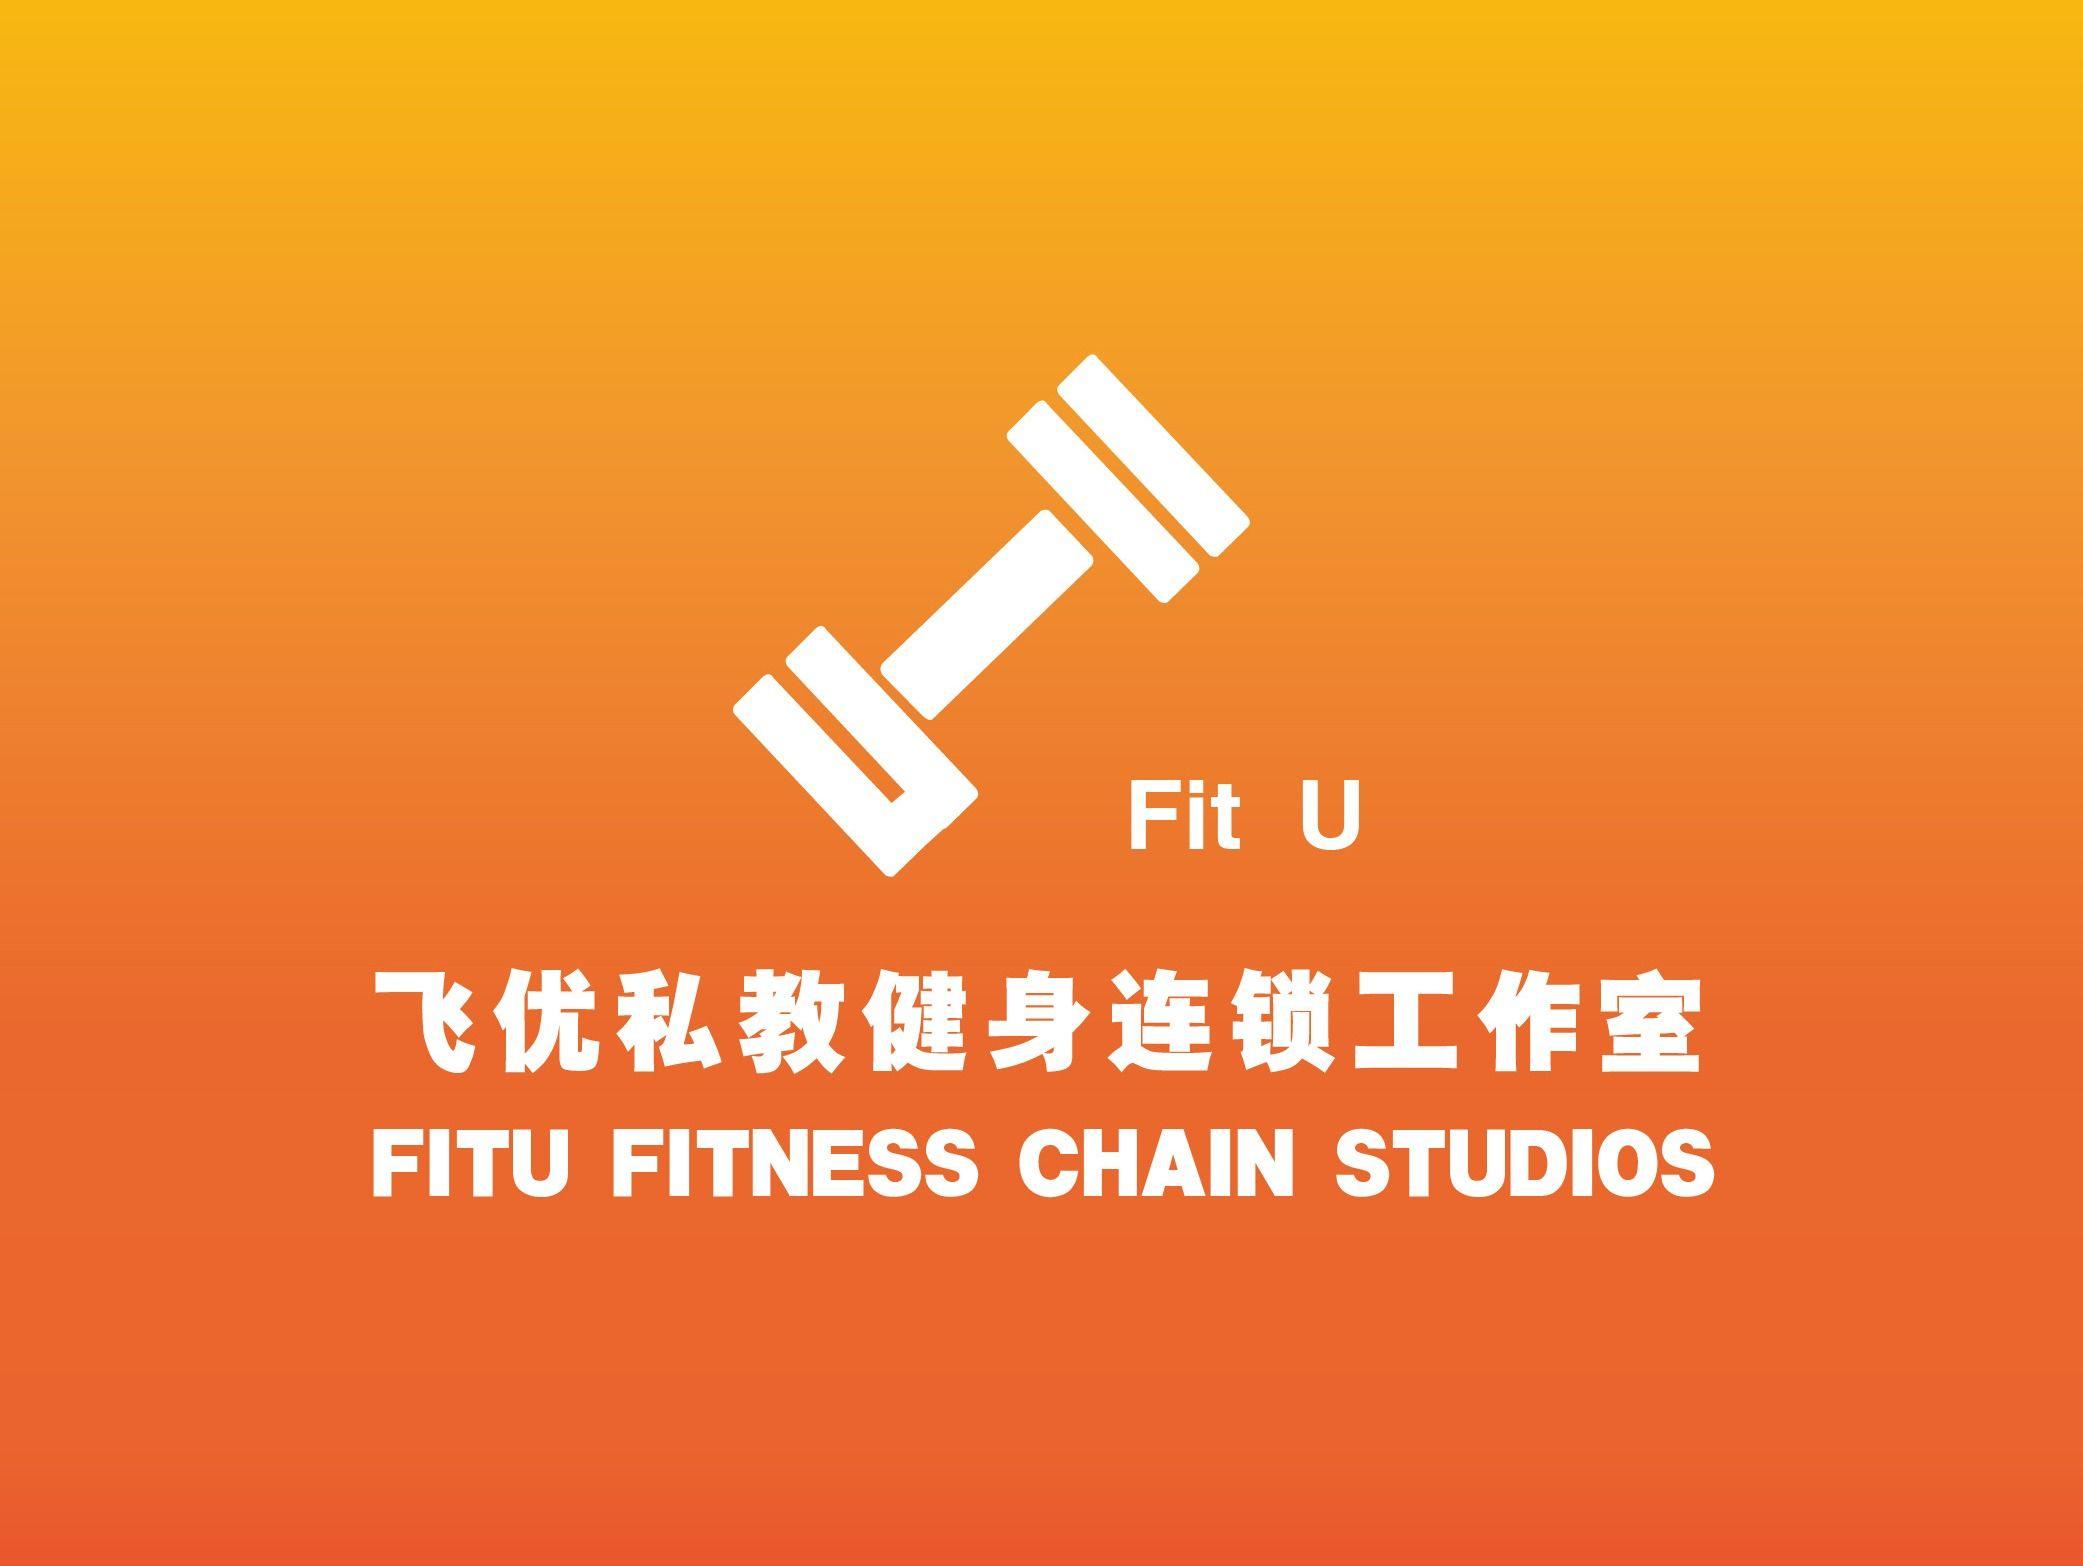 Fit U飞优私教健身工作室(胜太西路店)